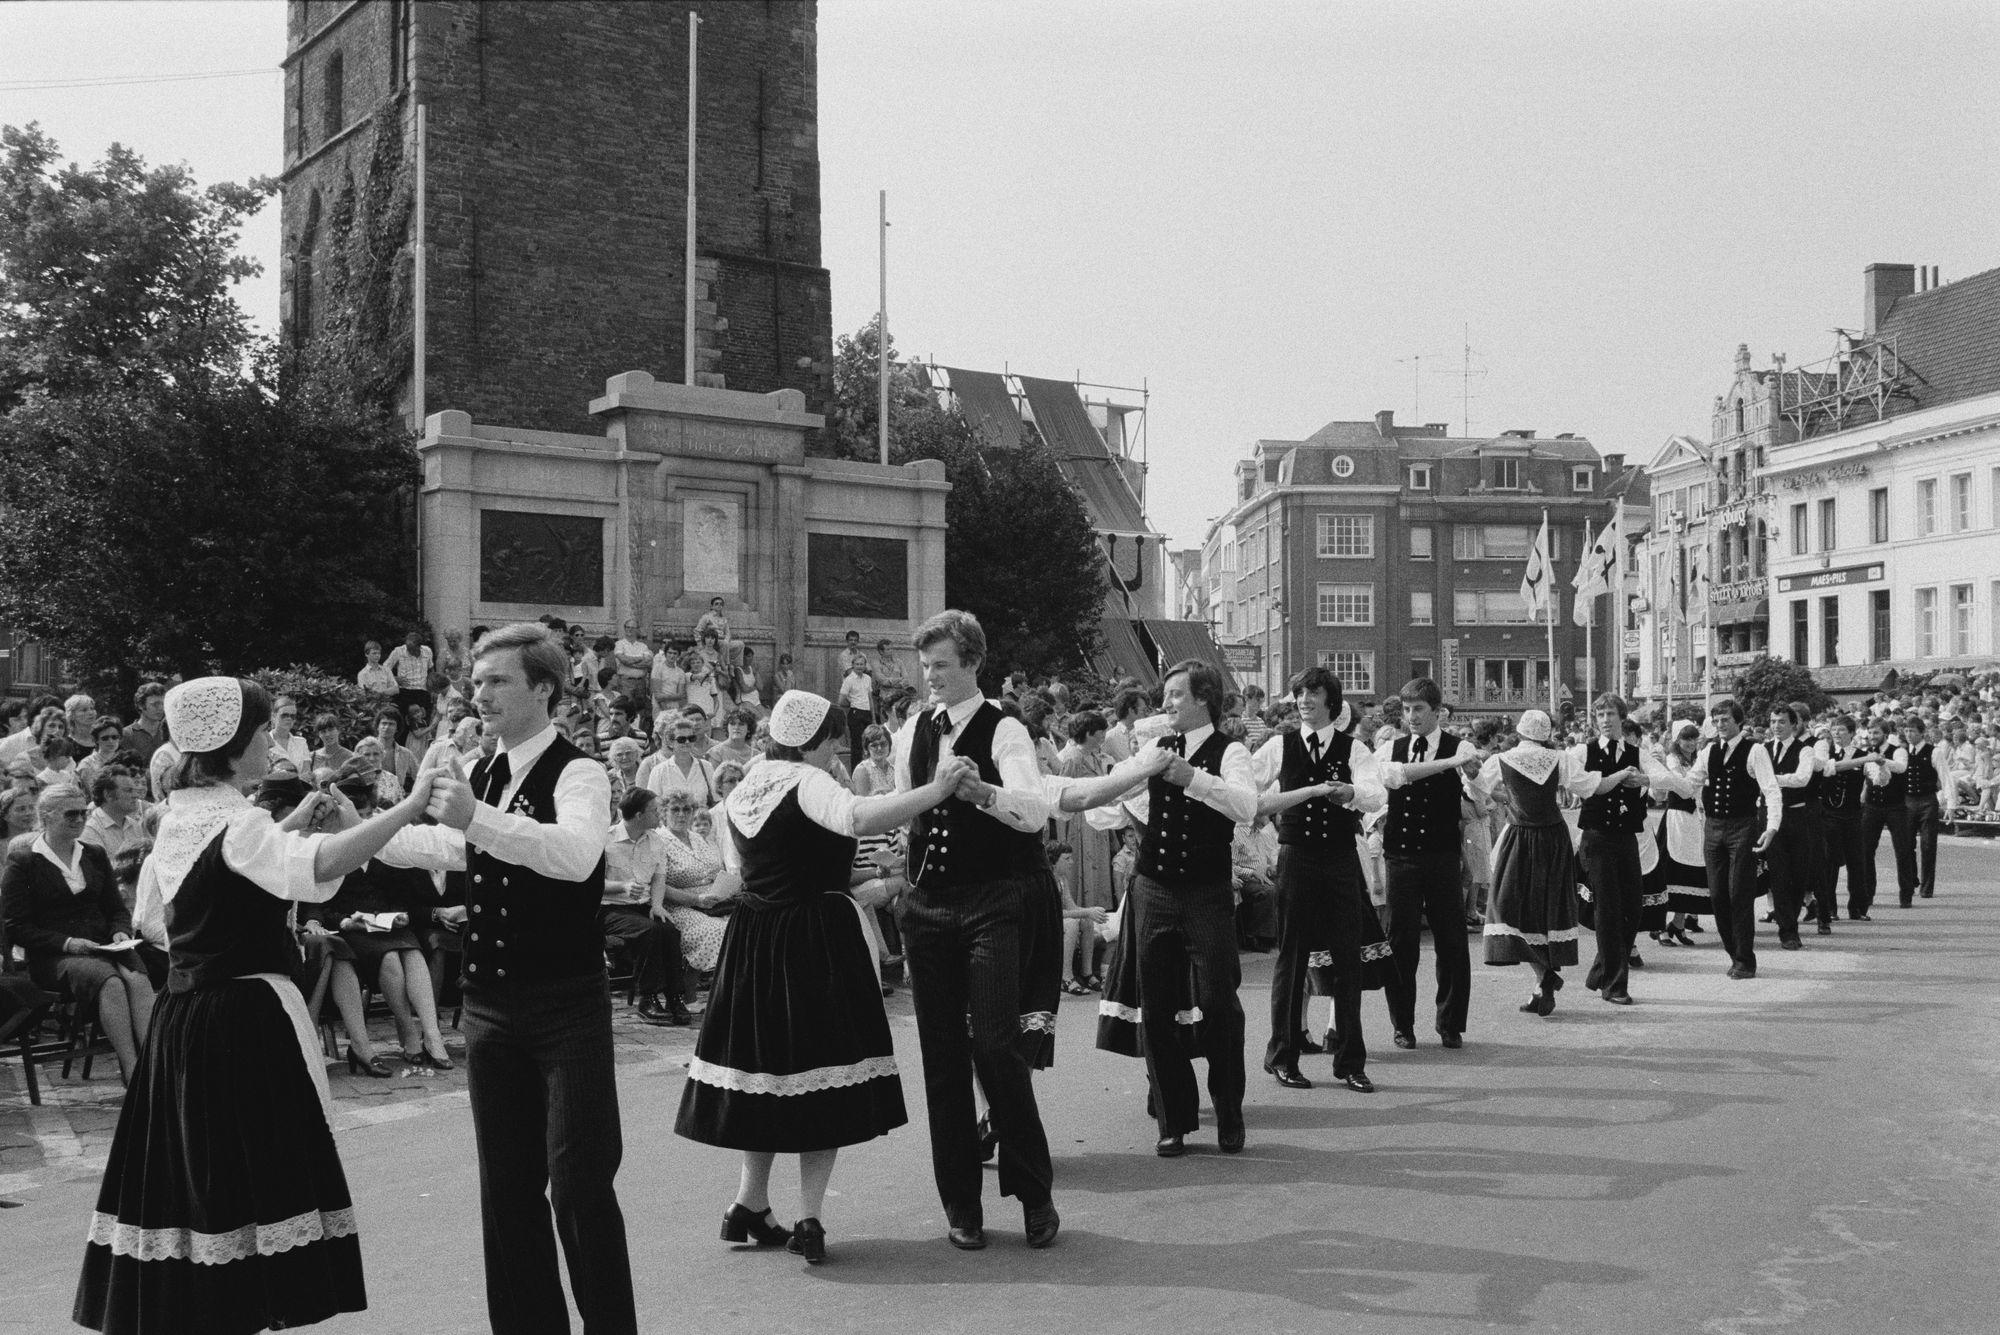 Volksdans in de historische stoet tijdens de 11 juliviering 1982